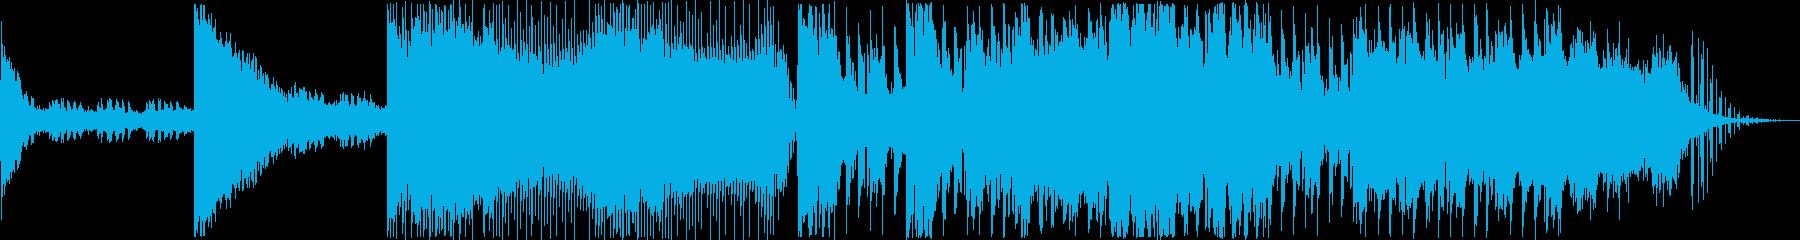 民族ボイス+アンビエント+パーカッショ…の再生済みの波形